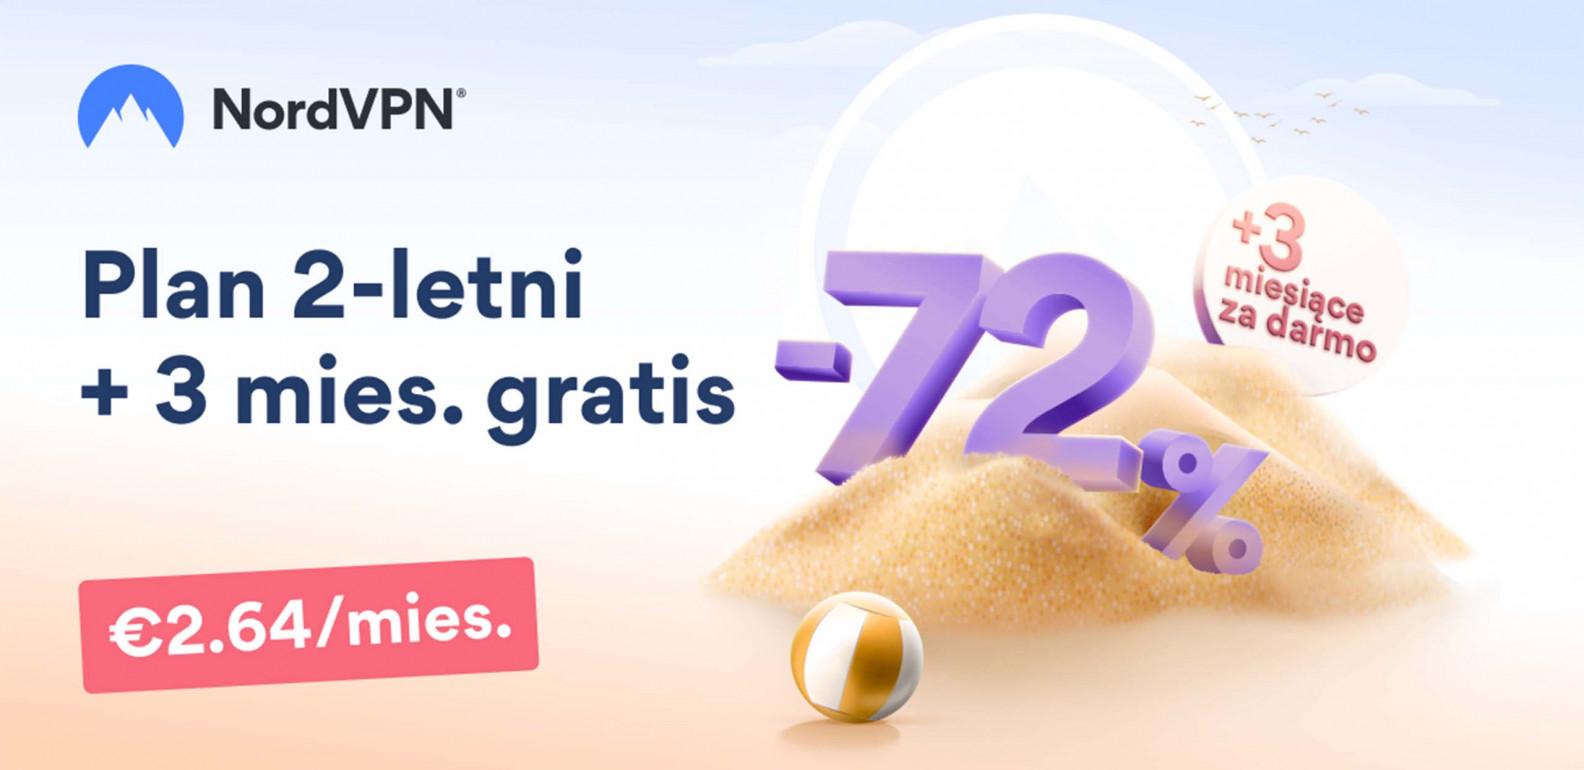 NordVPN summer deal Poland